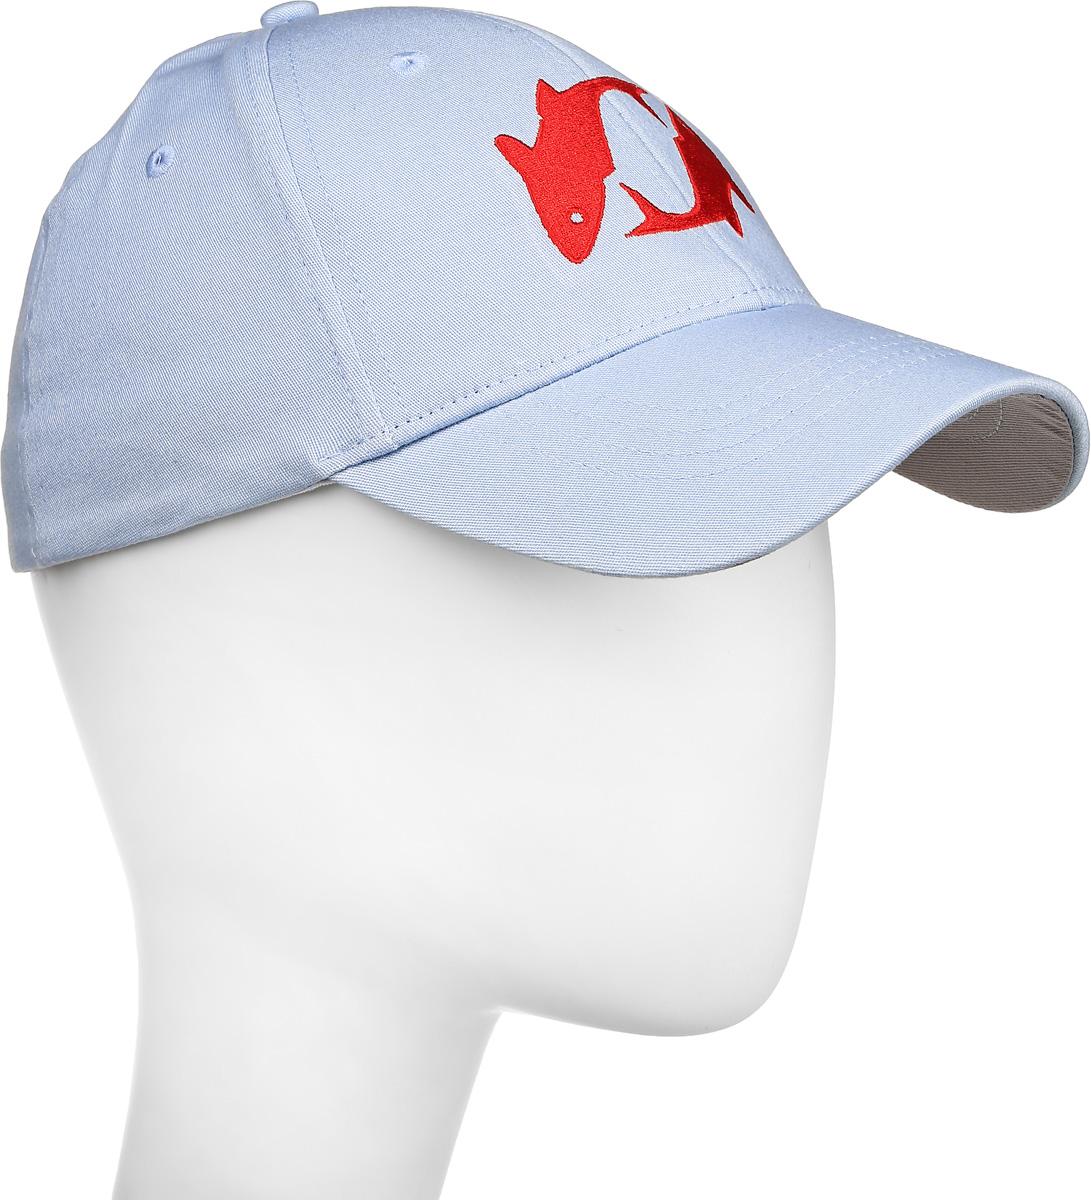 Бейсболка Tsuribito, цвет: синий. 20363. Размер универсальный20363Бейсболка разработана специально для людей, ведущих активный образ жизни. Полиуретановый материал делает бейсболку прочной, а абсорбирующая лента позволяет носить бейсболку с комфортом, подходит для любого размера головы.